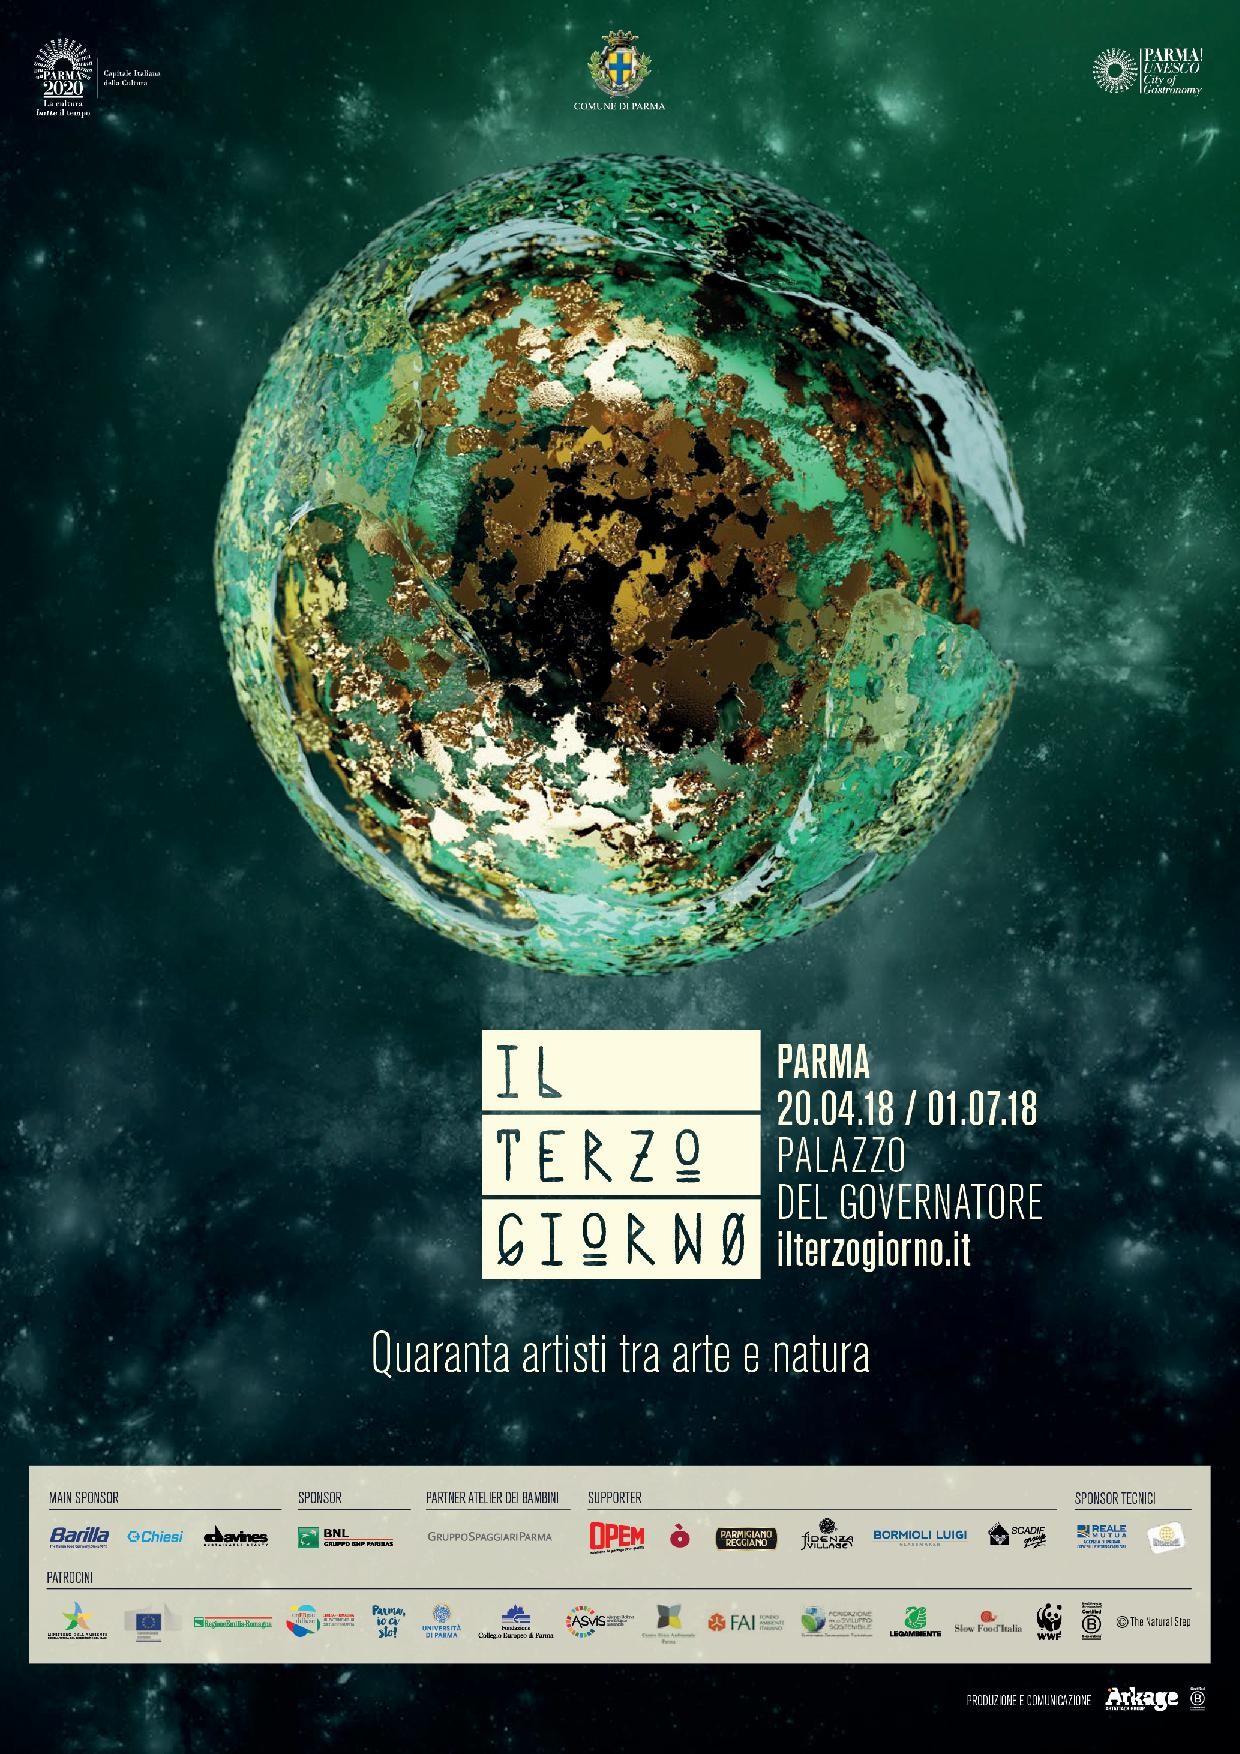 B Talks: L'arte delle B Corp  Le B Corp italiane si raccontano nella cornice unica  della mostra internazionale Il Terzo Giorno